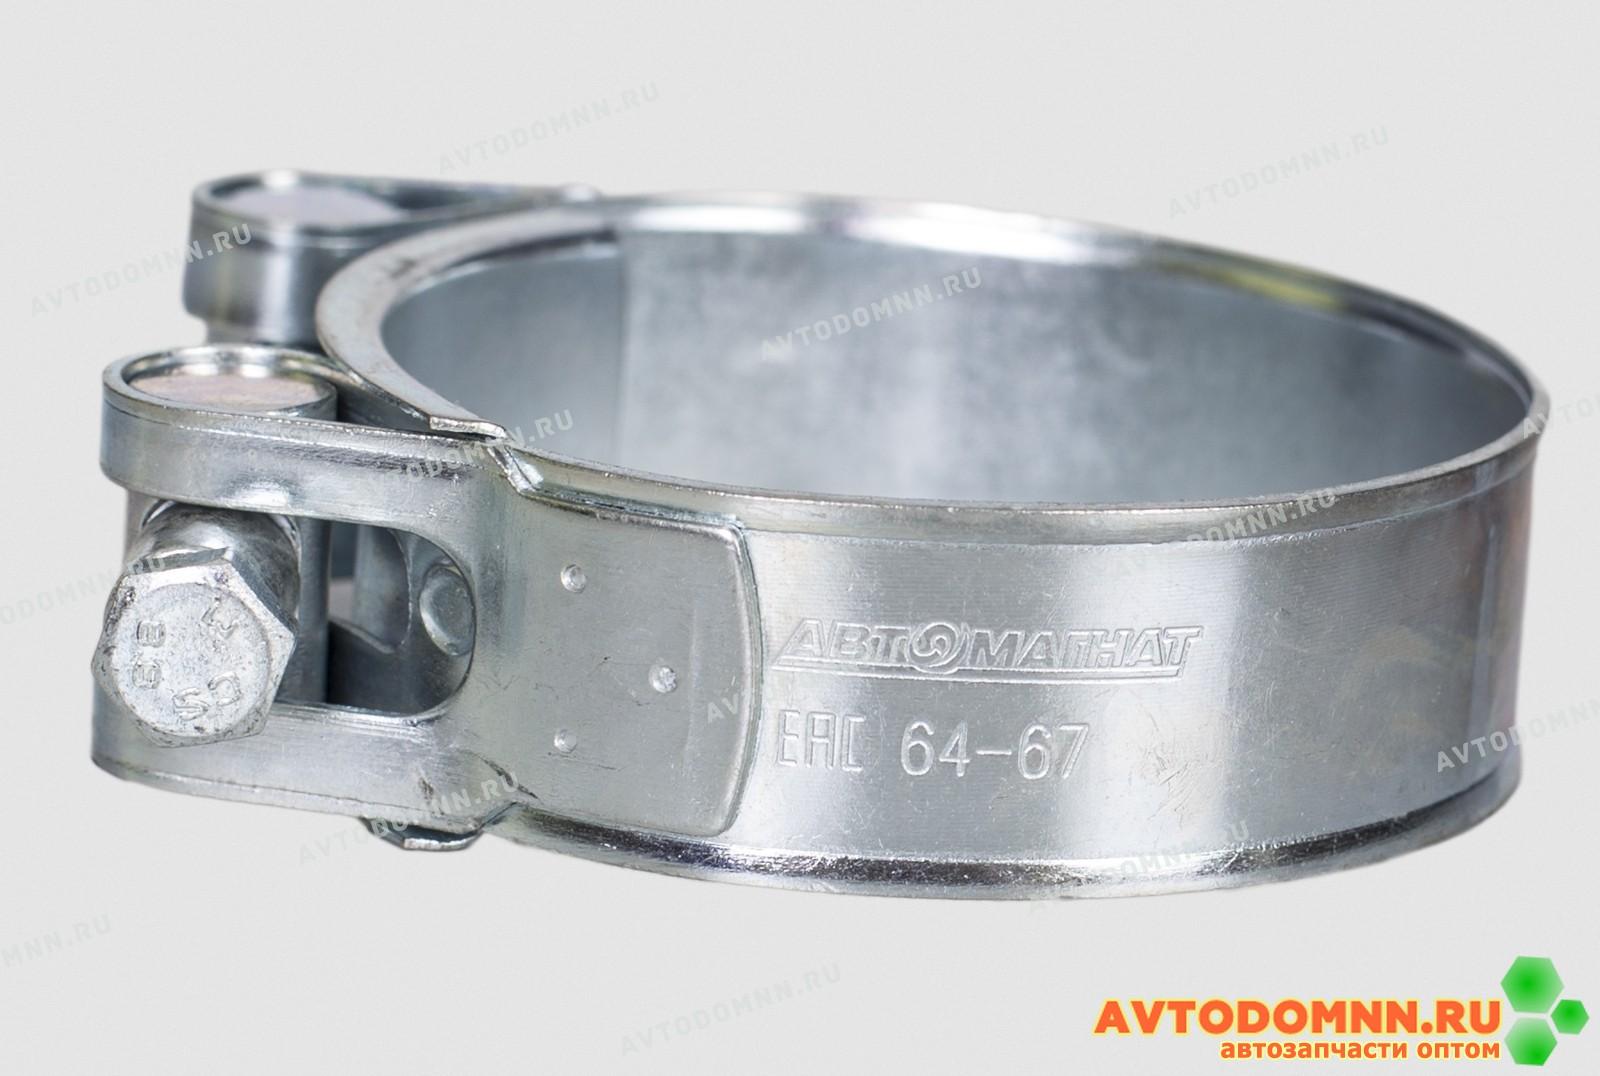 D64-67 хомут стяжной d-64-67, ширина 22 мм, W1 оцинк. металл